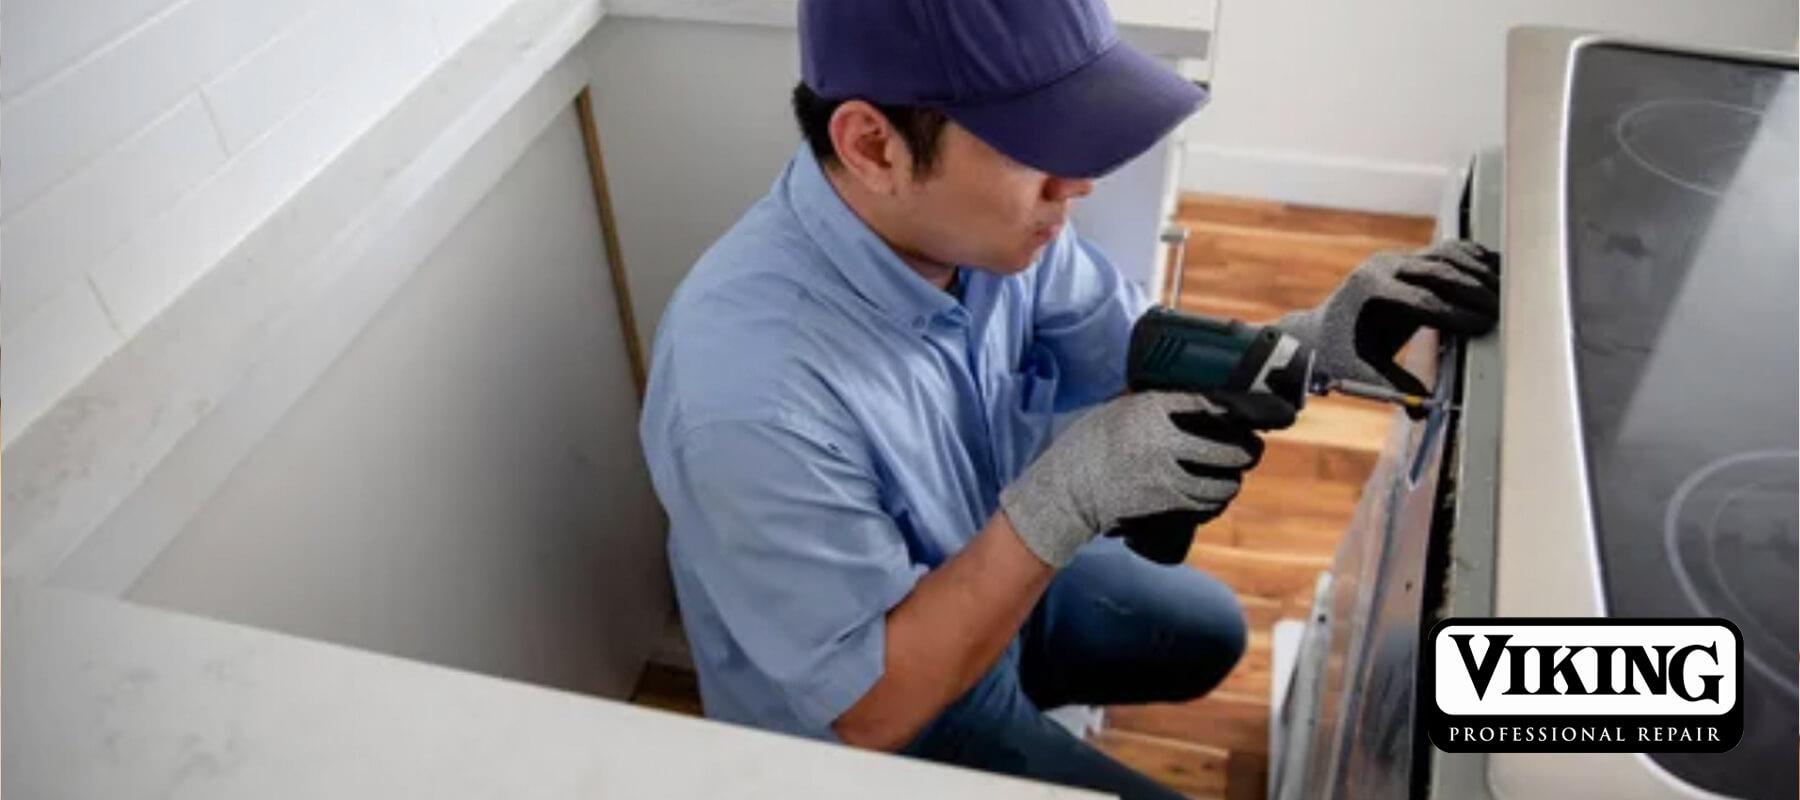 Certified Viking Appliance Repair Santa Monica   Professional Viking Repair